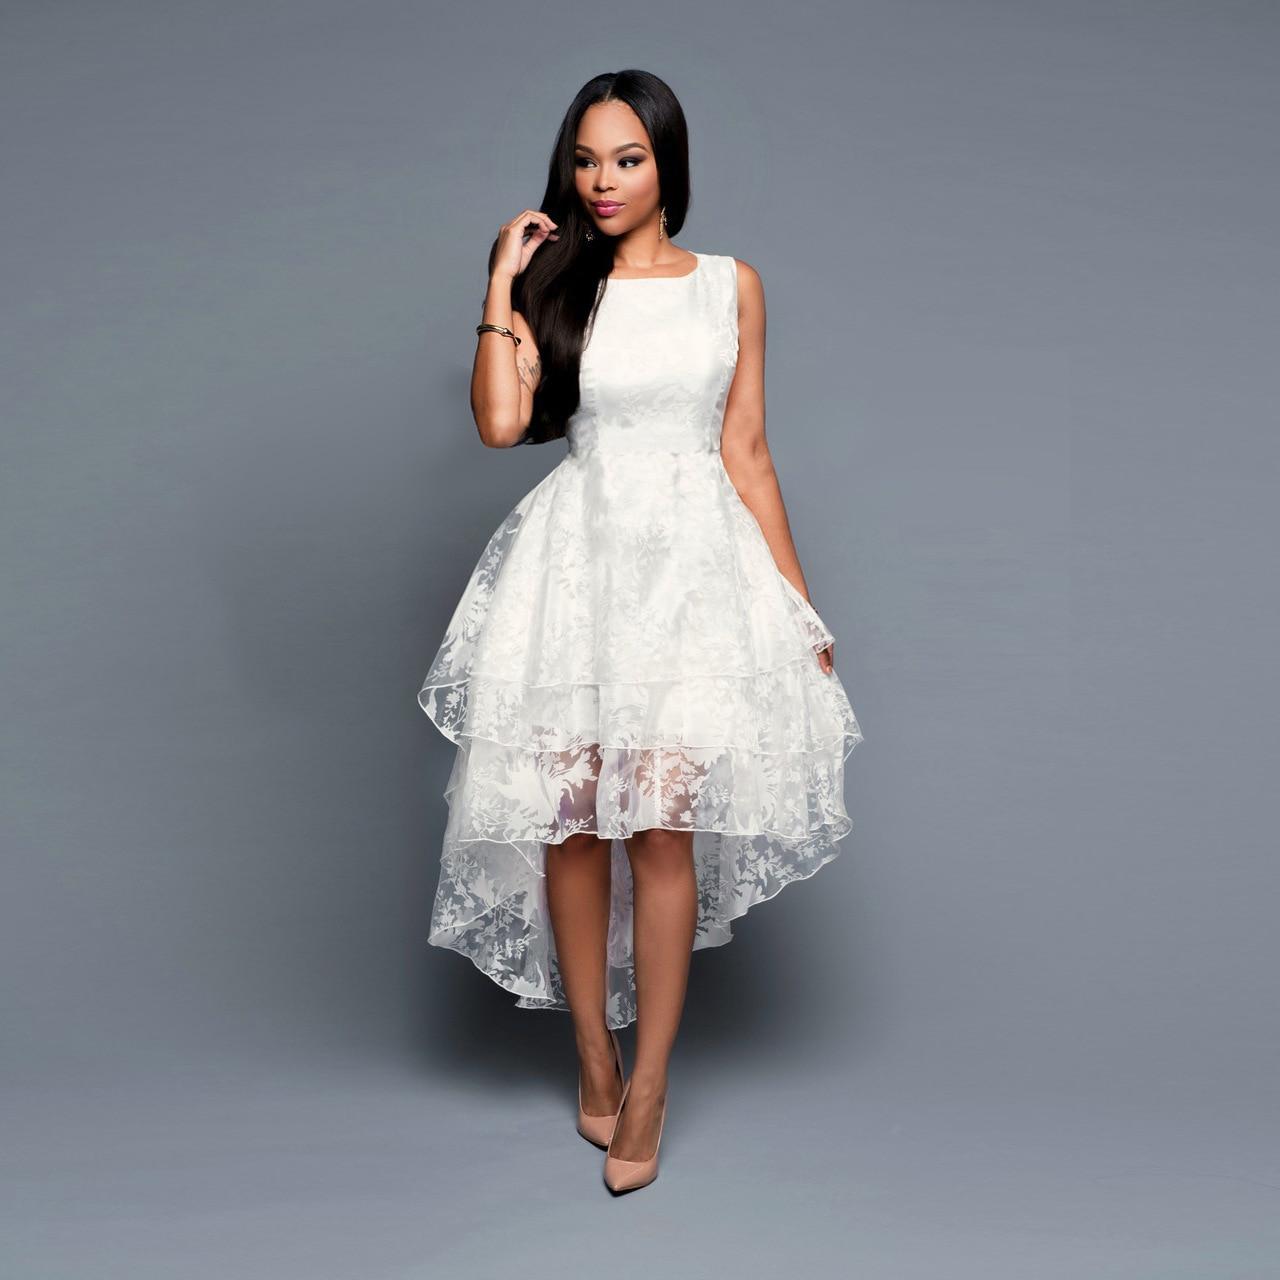 Summer Maxi Dress 2020 Women O-Neck Sleeveless Sweet Ball Gown White Organza High Low Evening Party Dress Robe De Coktail